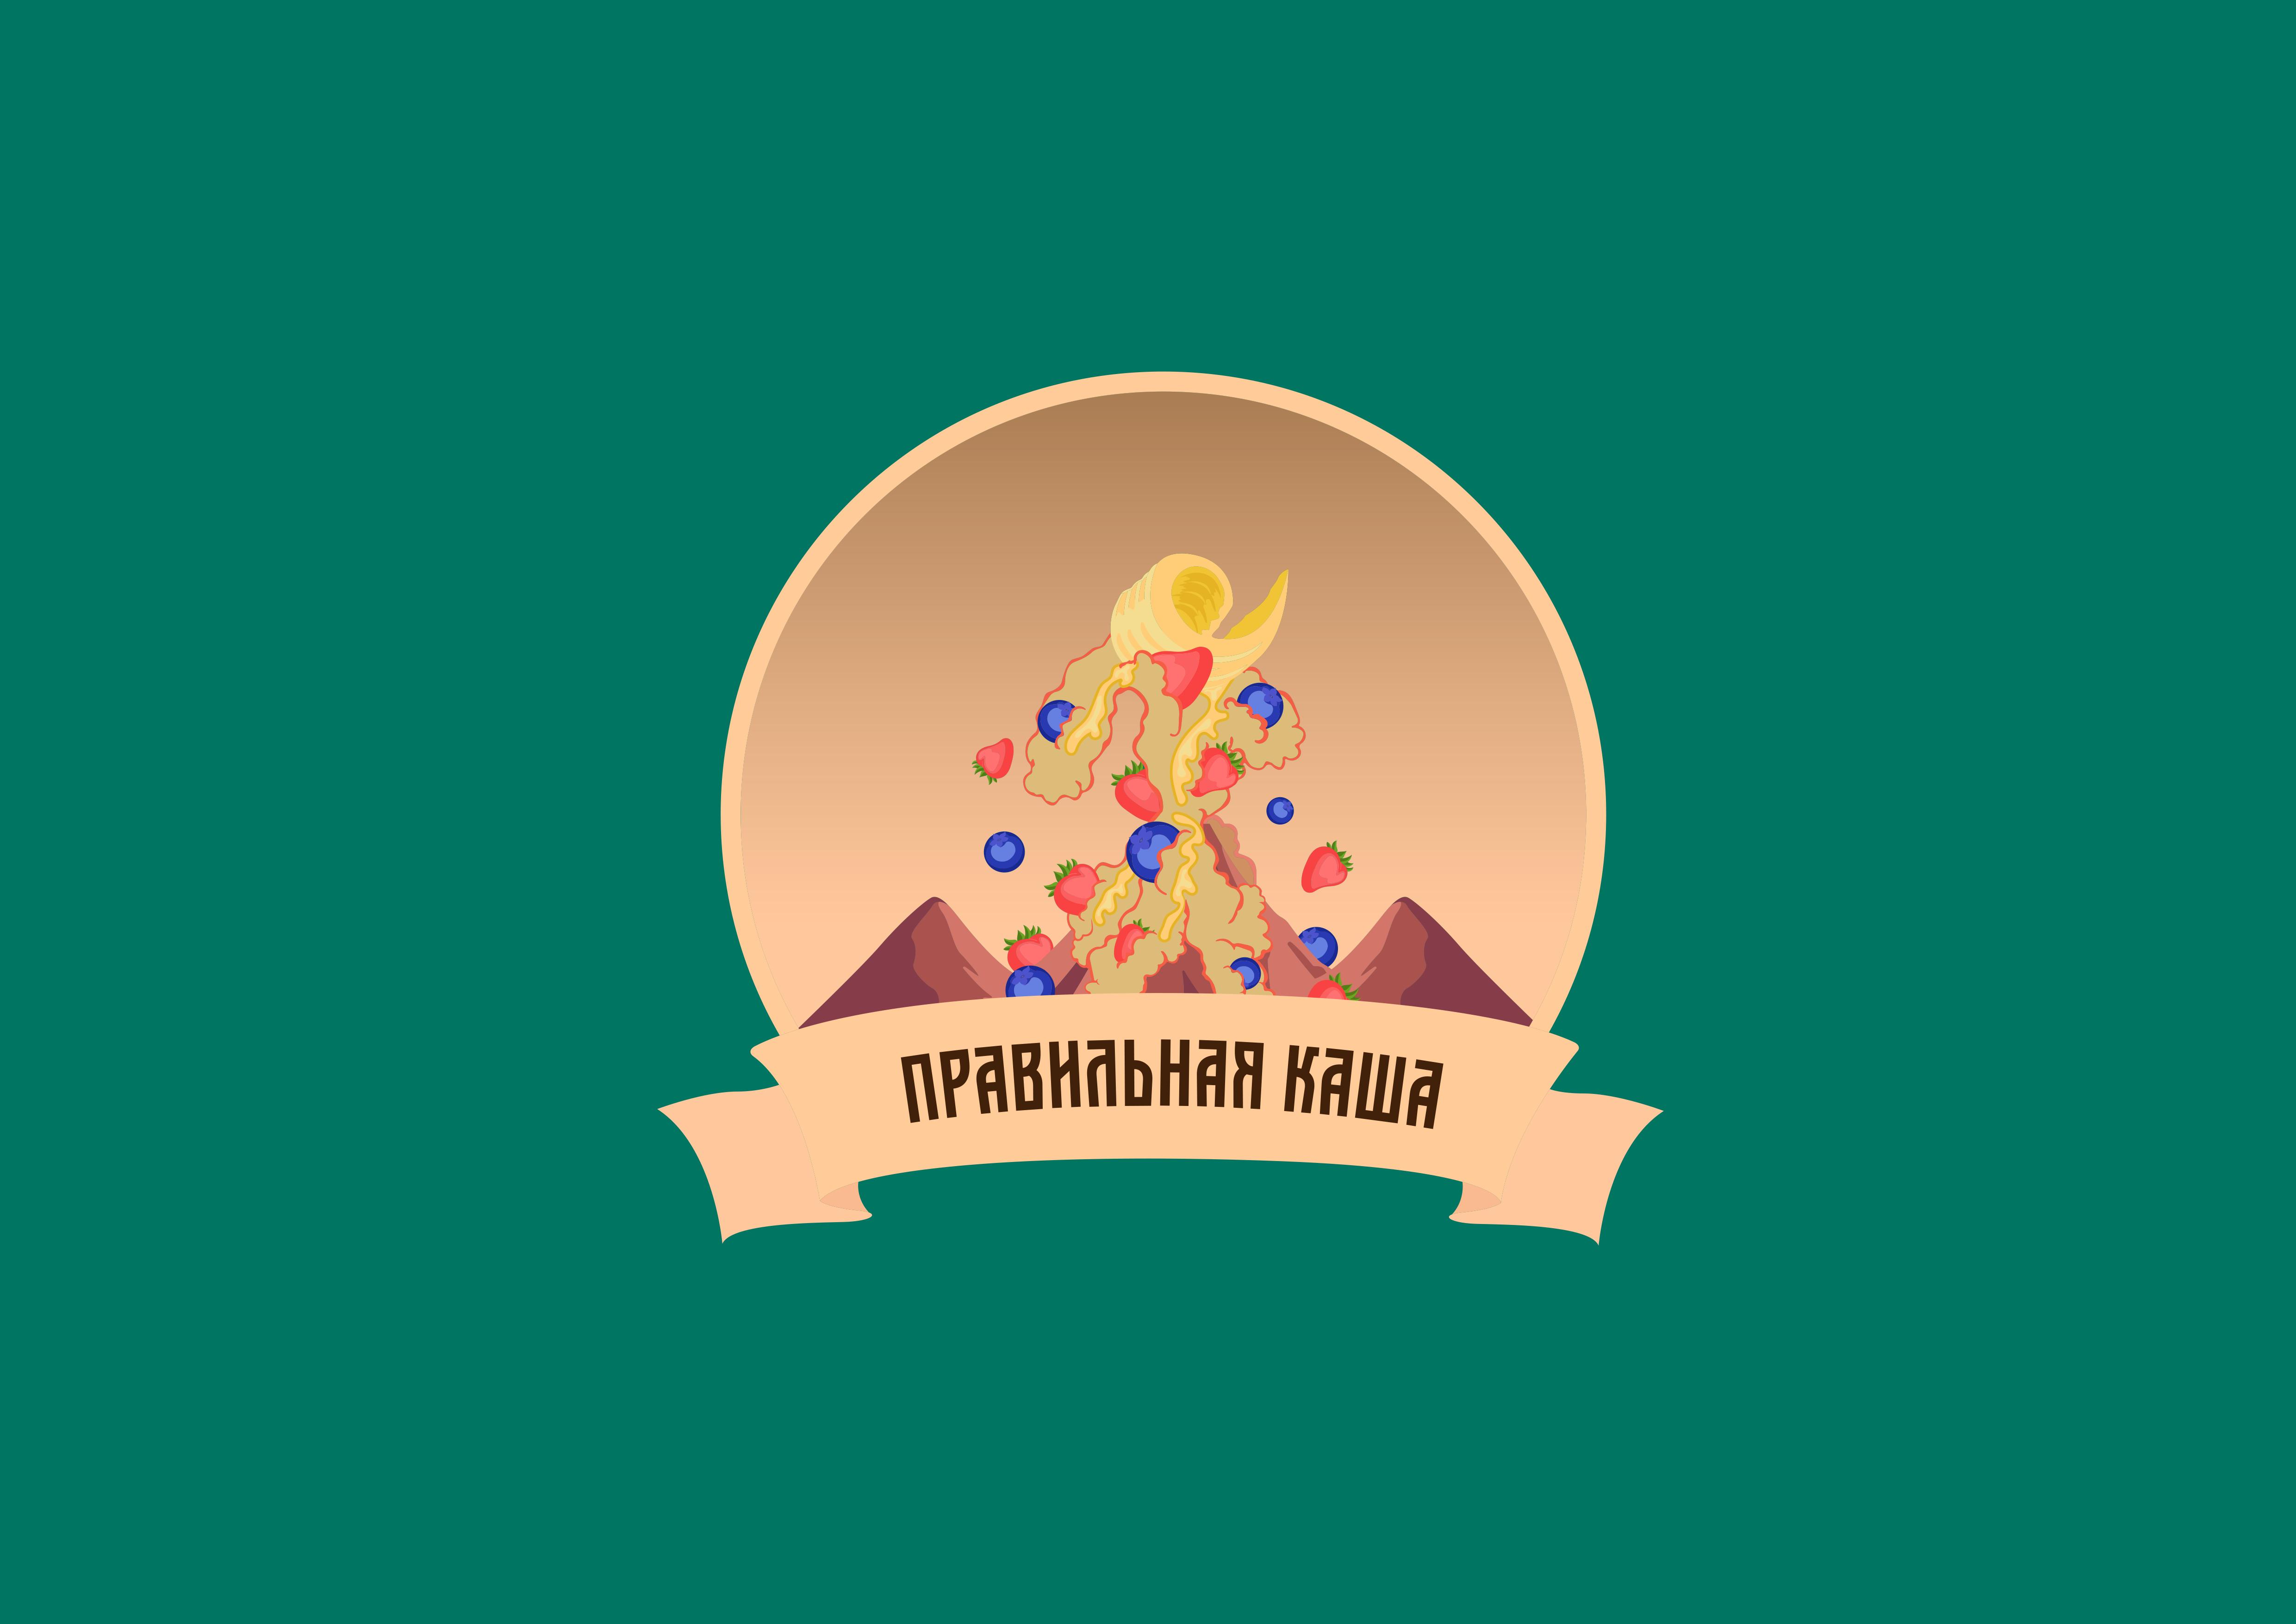 Веб-дизайнер, создание логотипа. фото f_9075ec160280baa9.png